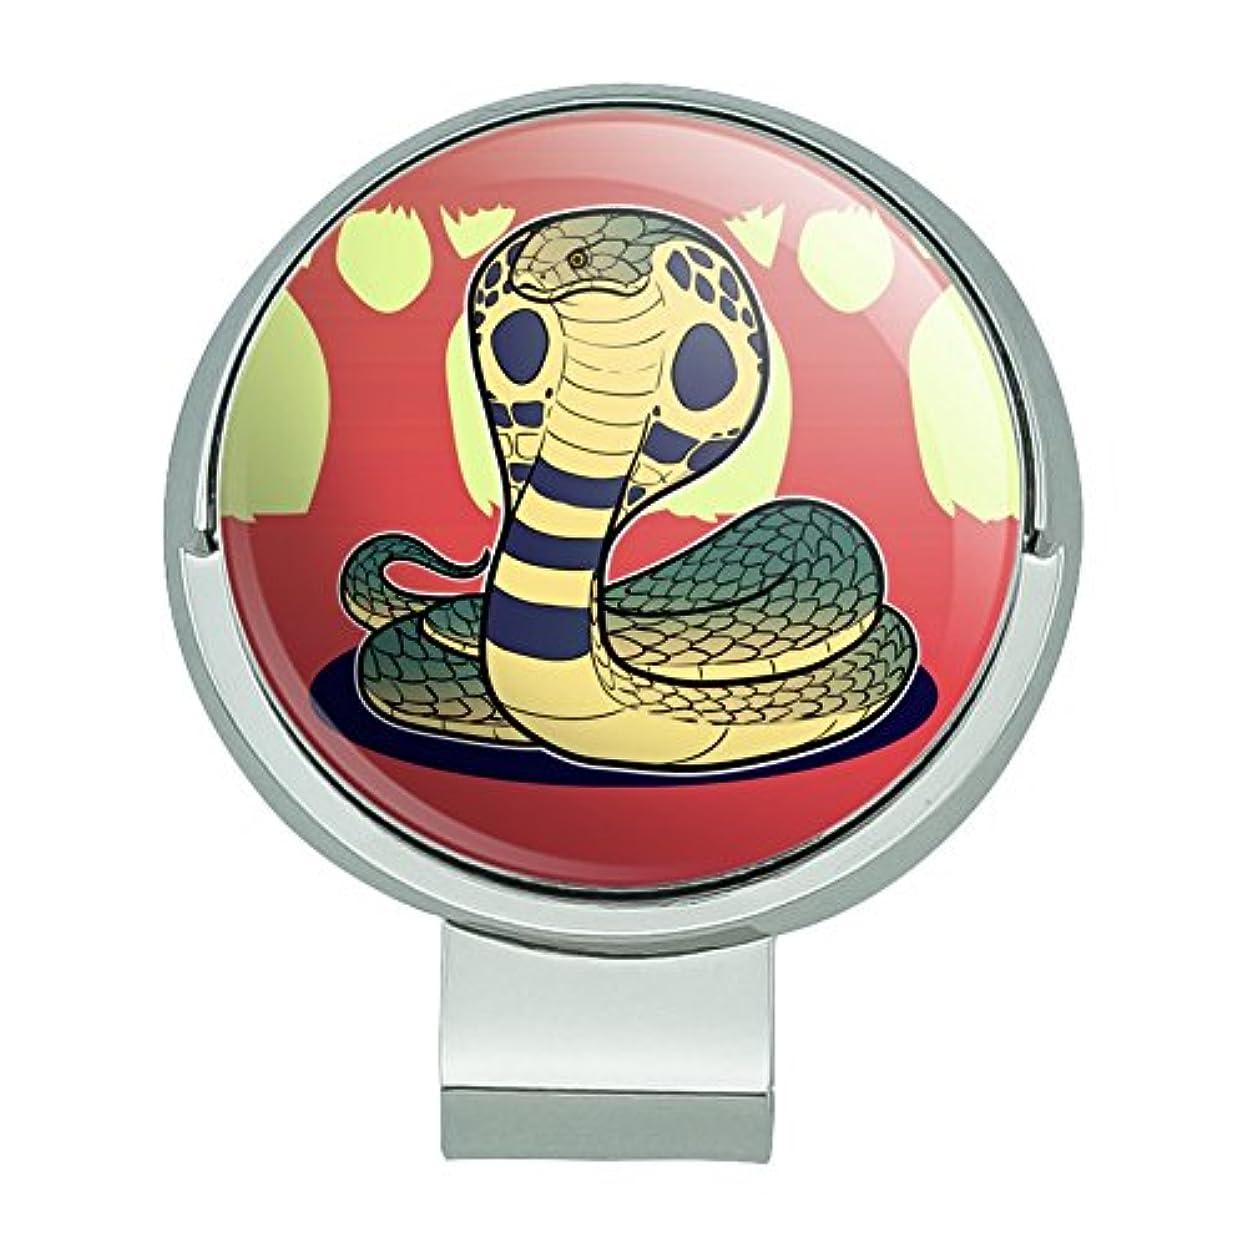 差別的ロースト恥ずかしさコブラヘビ磁気ボールマーカー付きゴルフハットクリップ